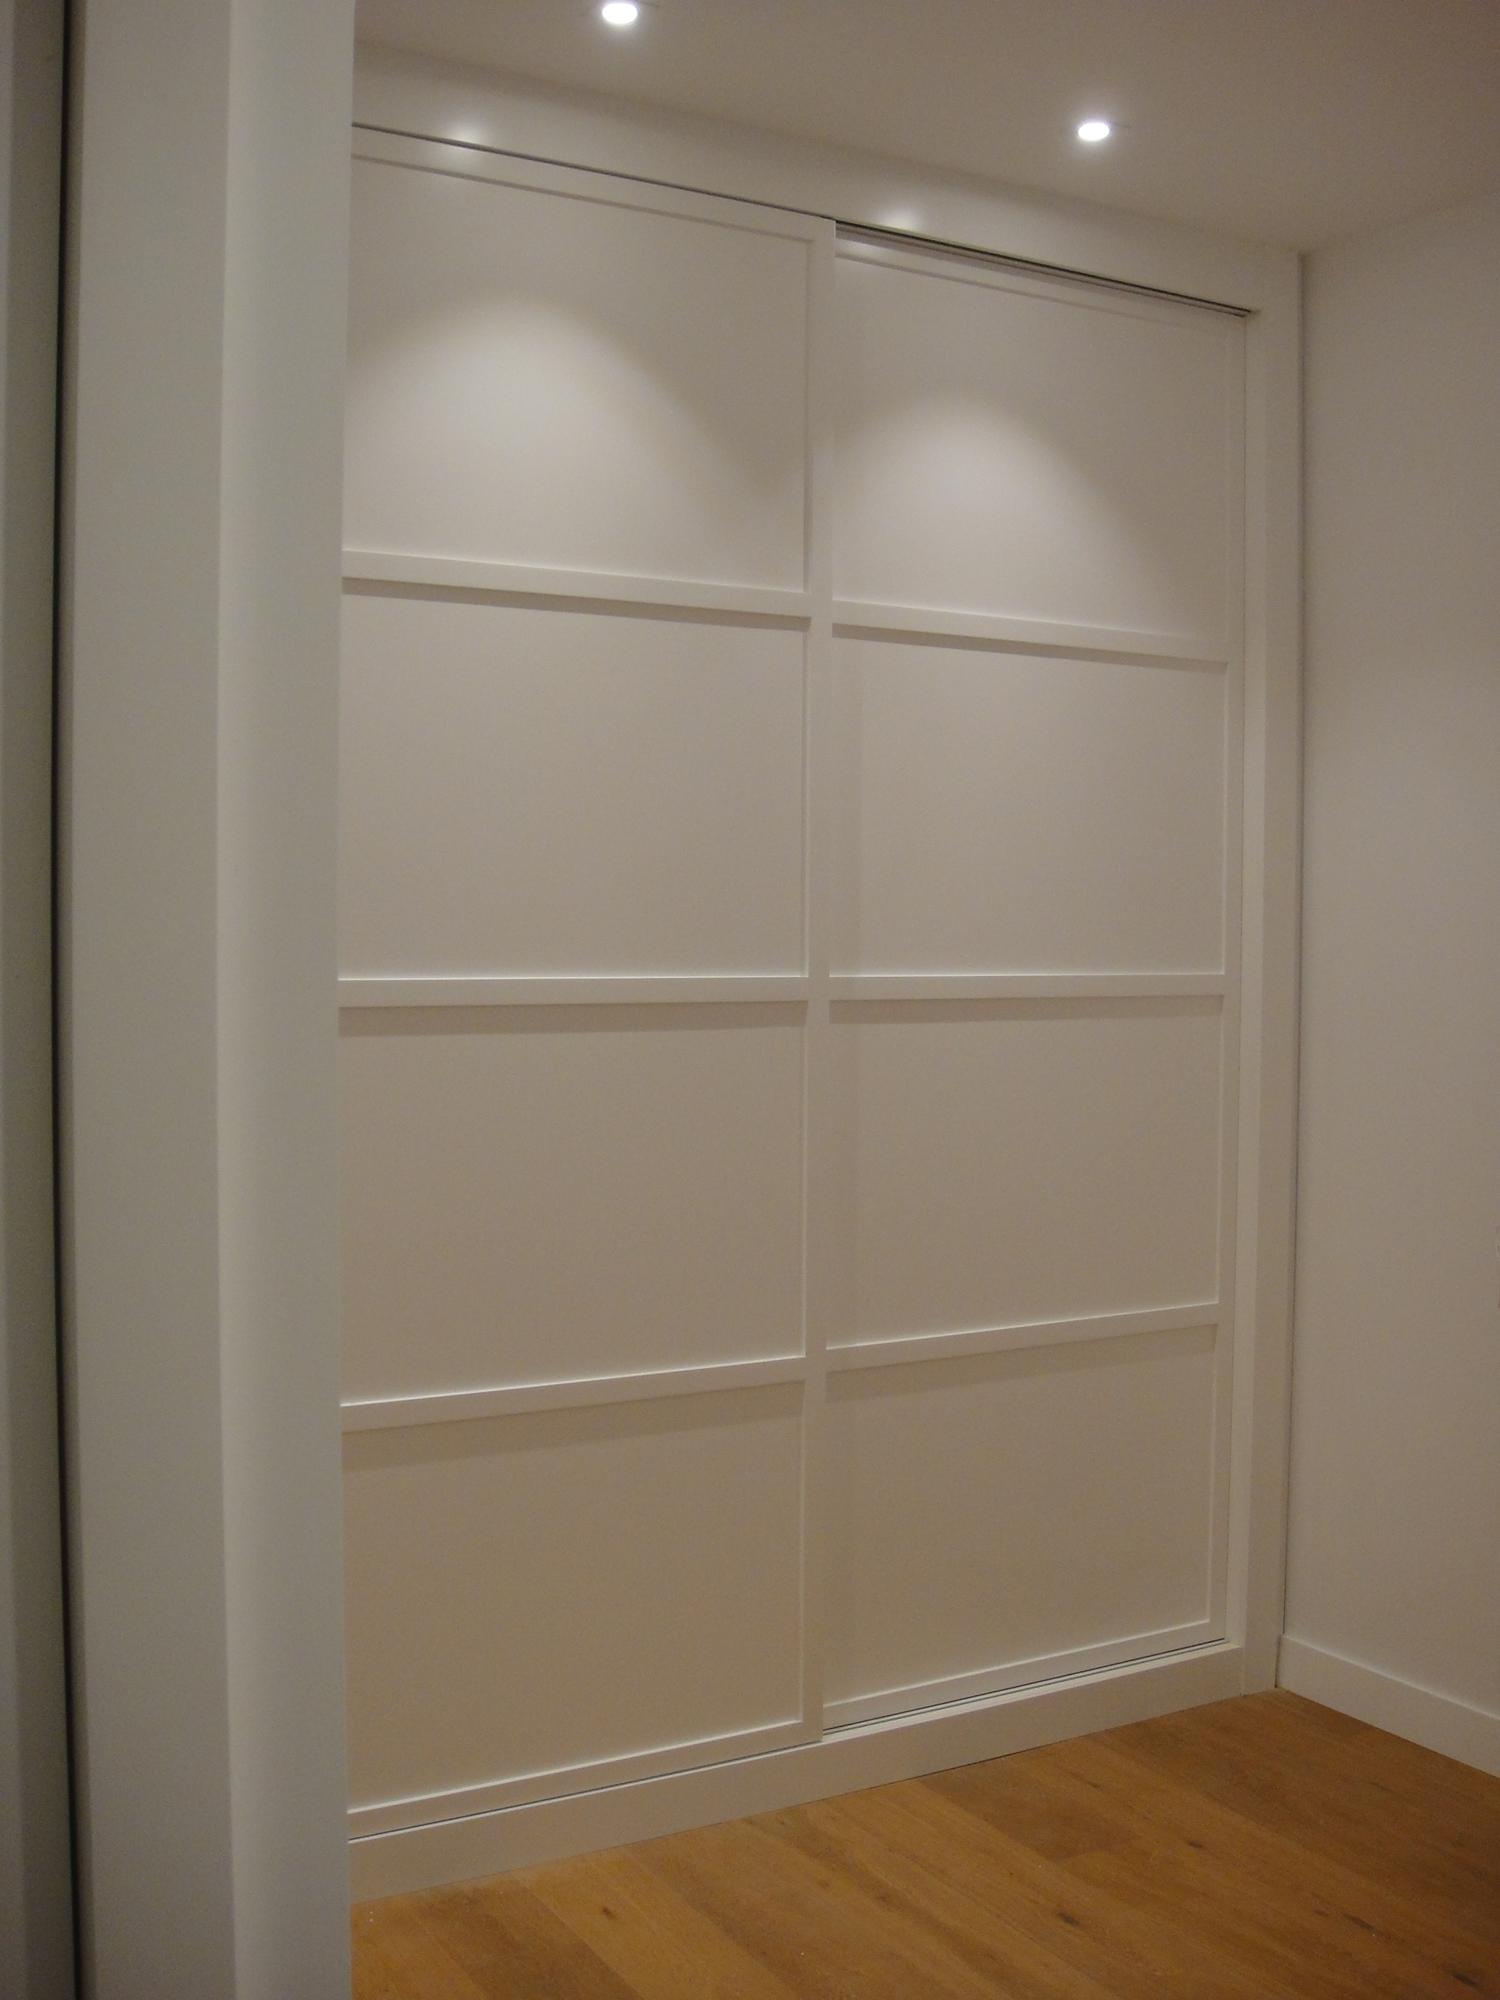 Puertas correderas blancas great good igualmente en los - Instalacion puertas correderas ...